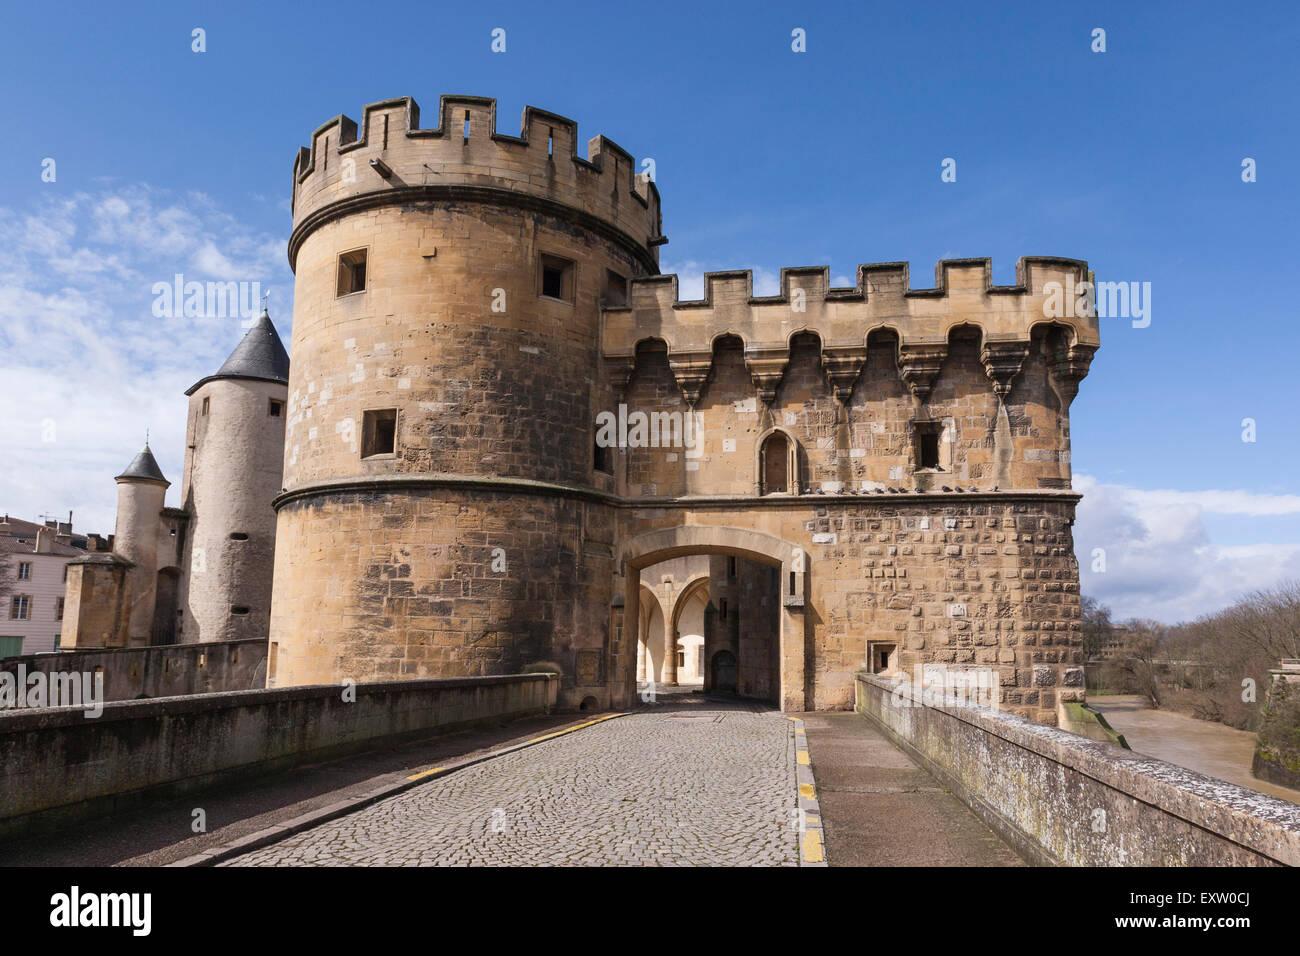 Die deutschen Tor aus dem 13. Jahrhundert, eines der letzten mittelalterlichen Brücke-Schlösser in Frankreich, Stockbild